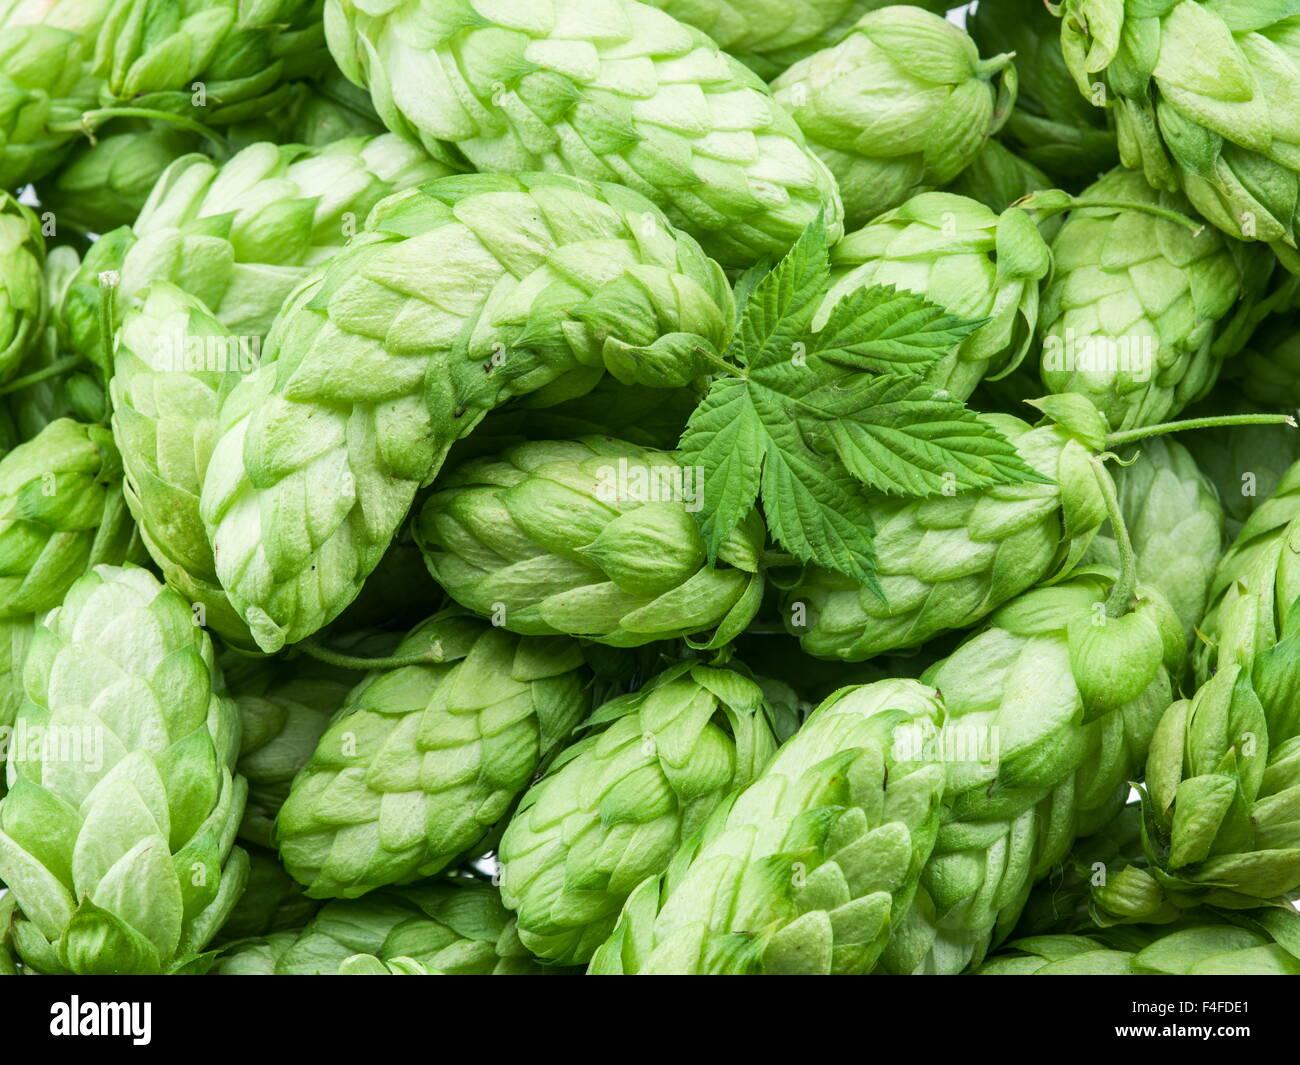 Les cônes de houblon vert - ingrédient dans la production de bière. Photo Stock